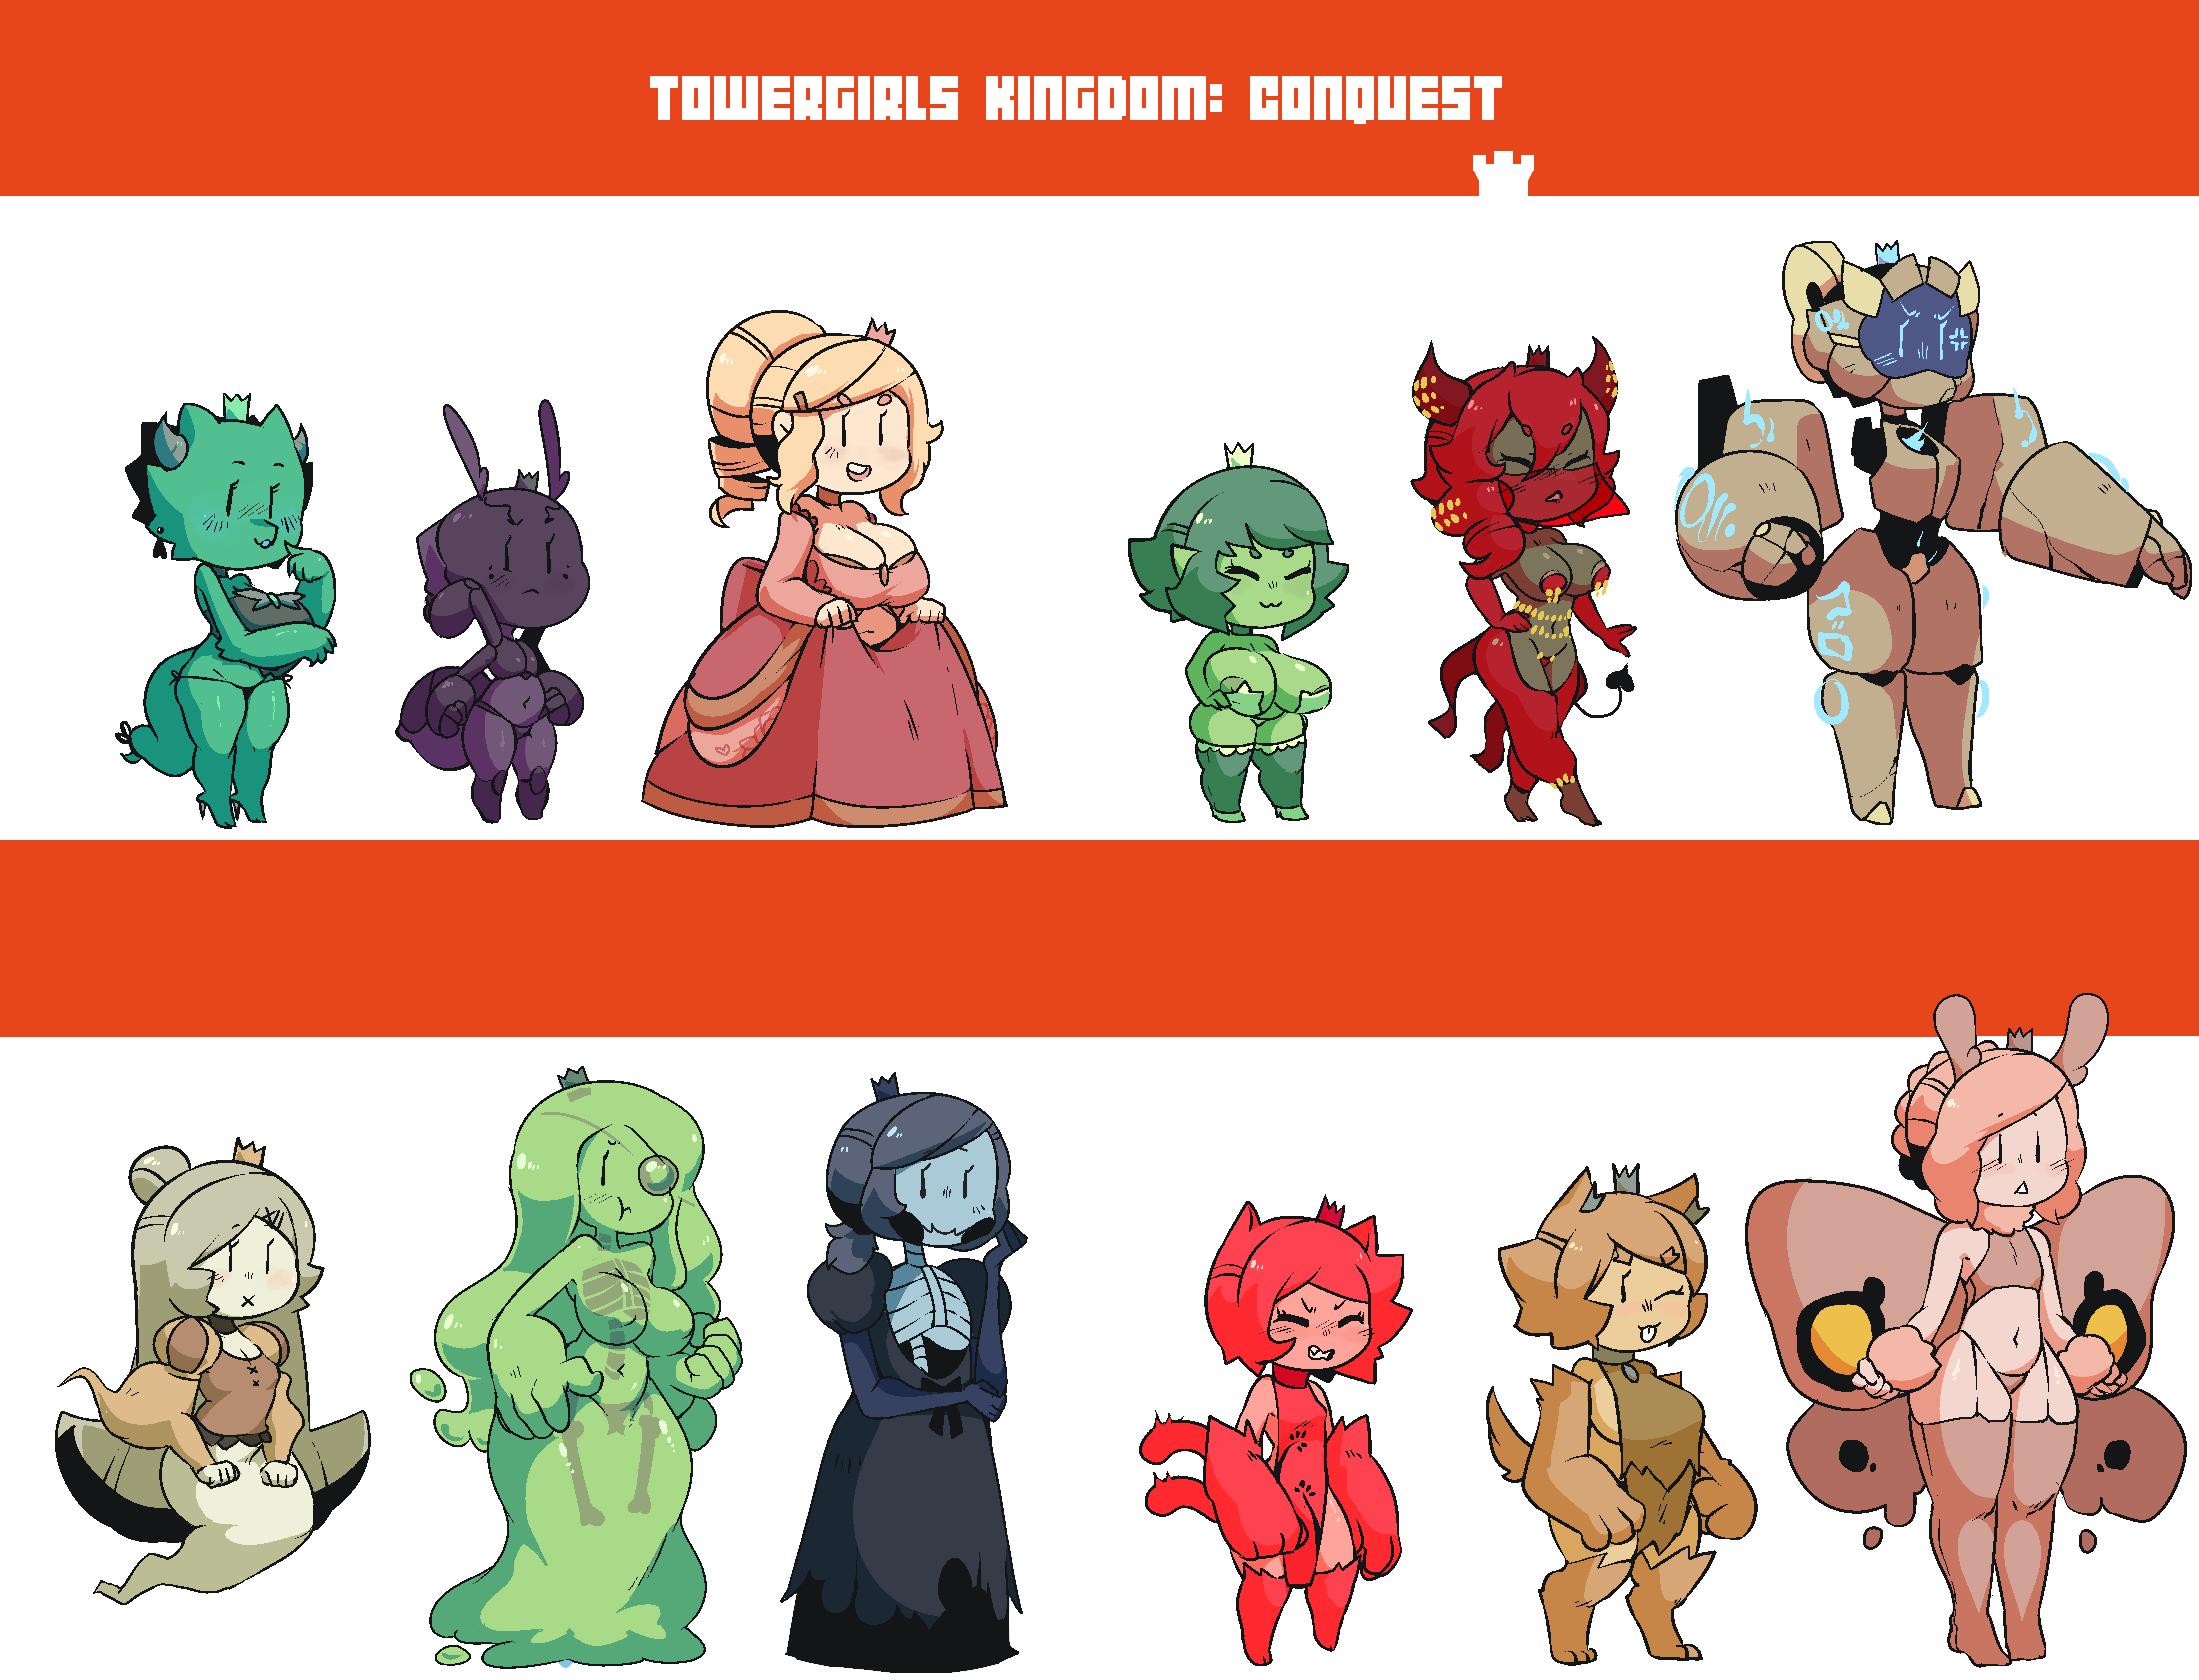 Towergirls kingdom conquest